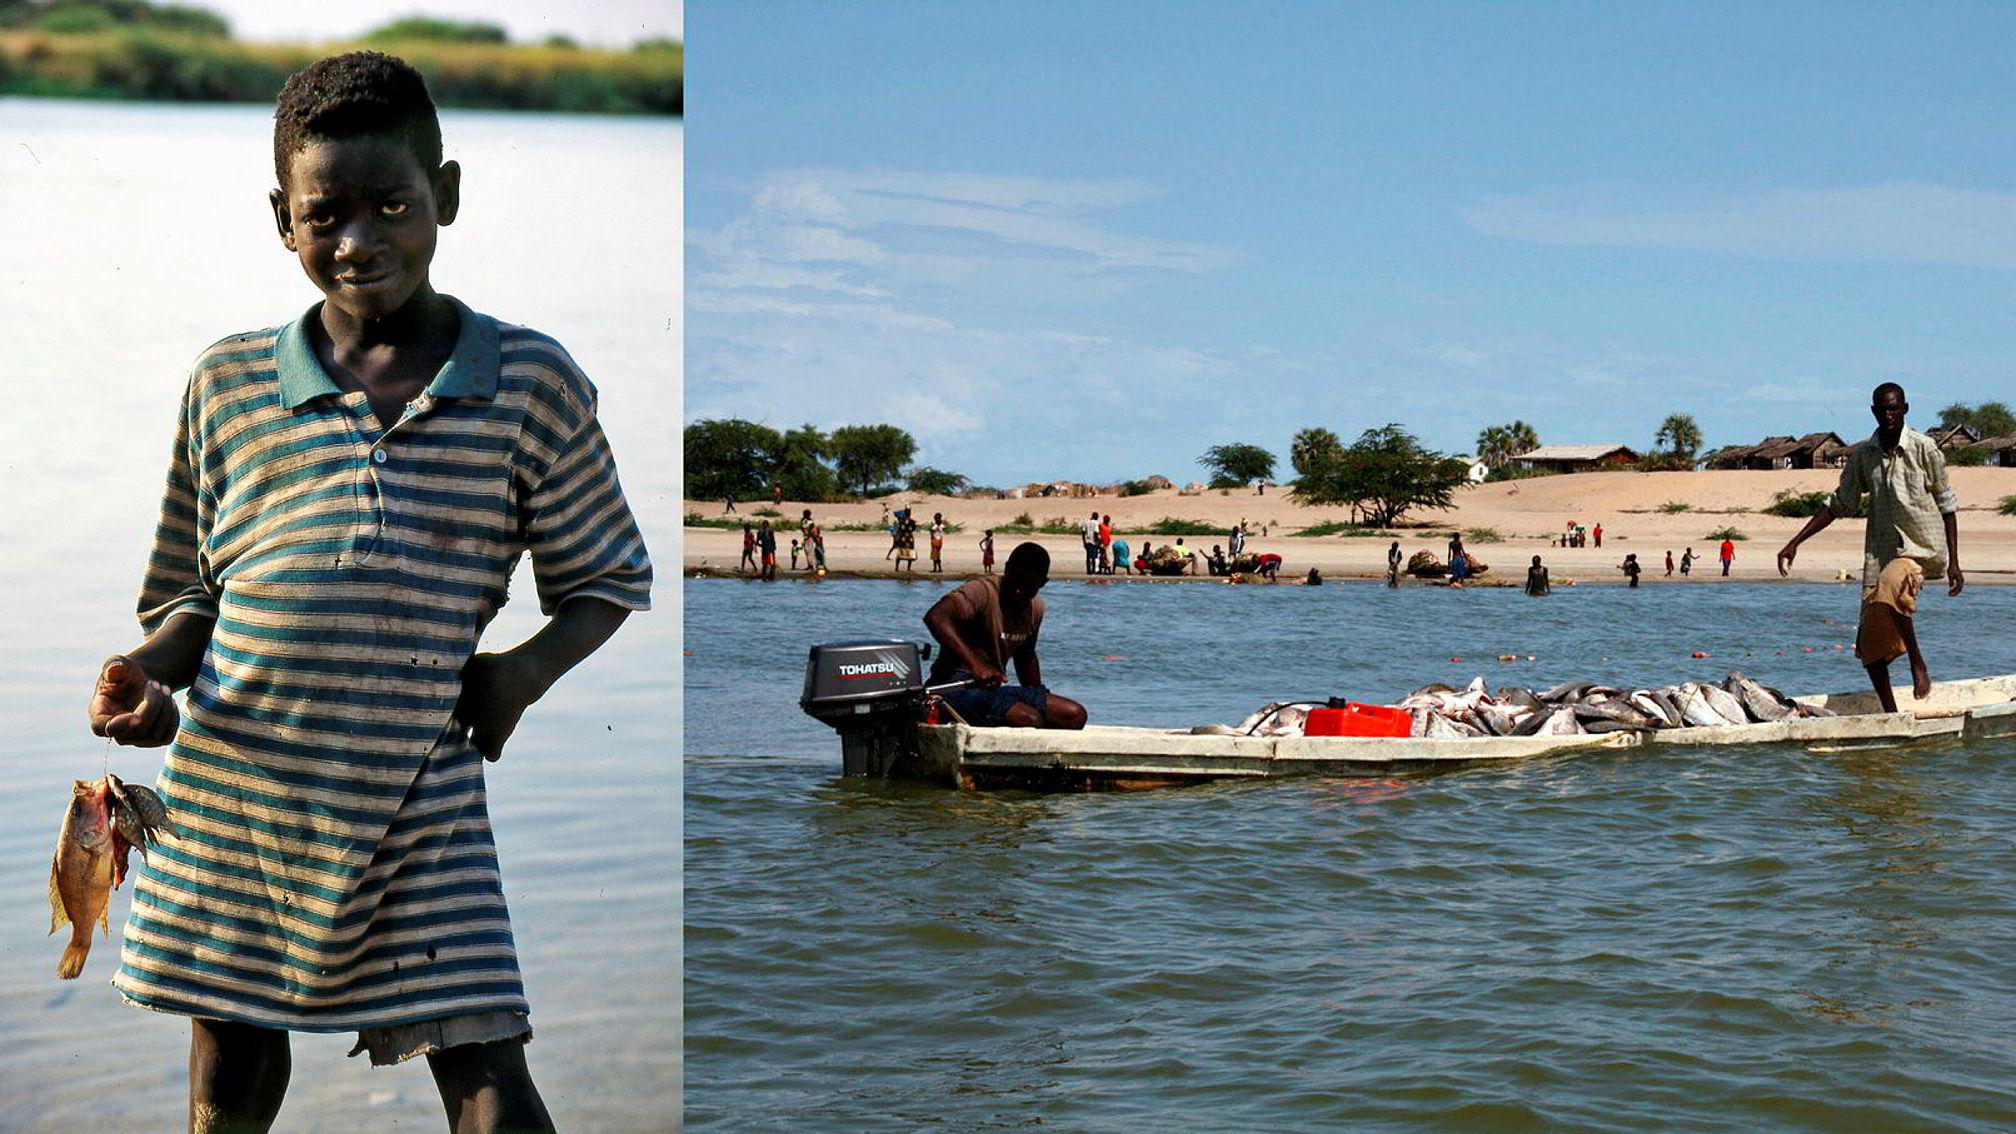 Professor Jeppe Kolding og forskningssjef Tor Næsje mener spredningen av arten niltilapia til stadig flere elver og innsjøer i Afrika, med betydelig norsk bistand, er oppskriften på en miljøkatastrofe. Ung fisker (til venstre) i Øvre Zambezi.